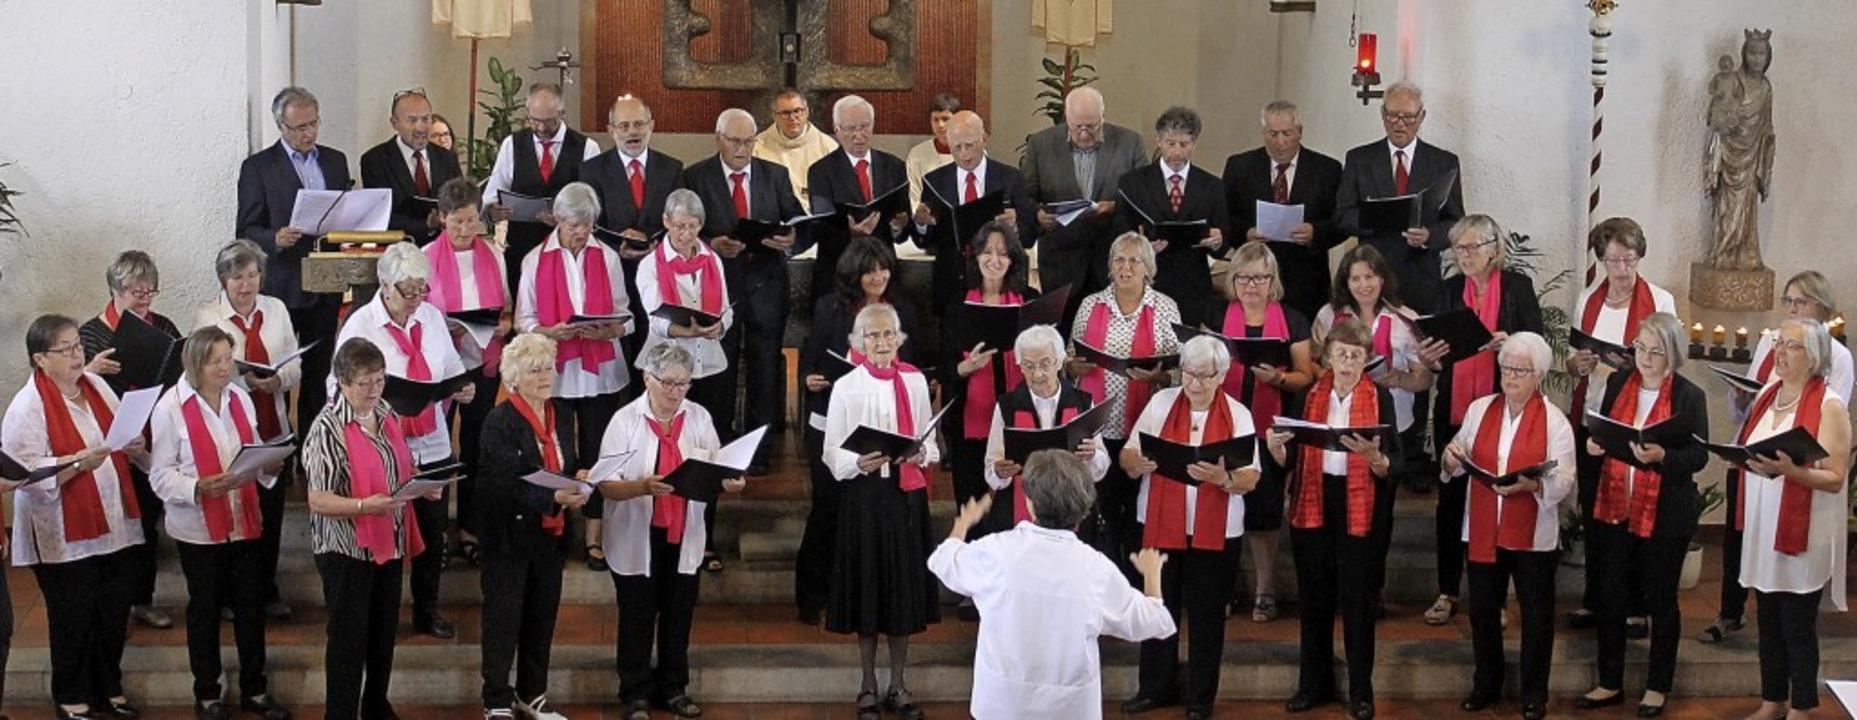 Der Kirchenchor Häusern hat viele kirchliche Anlässe musikalisch mitgestaltet.   | Foto: Cornelia Liebwein